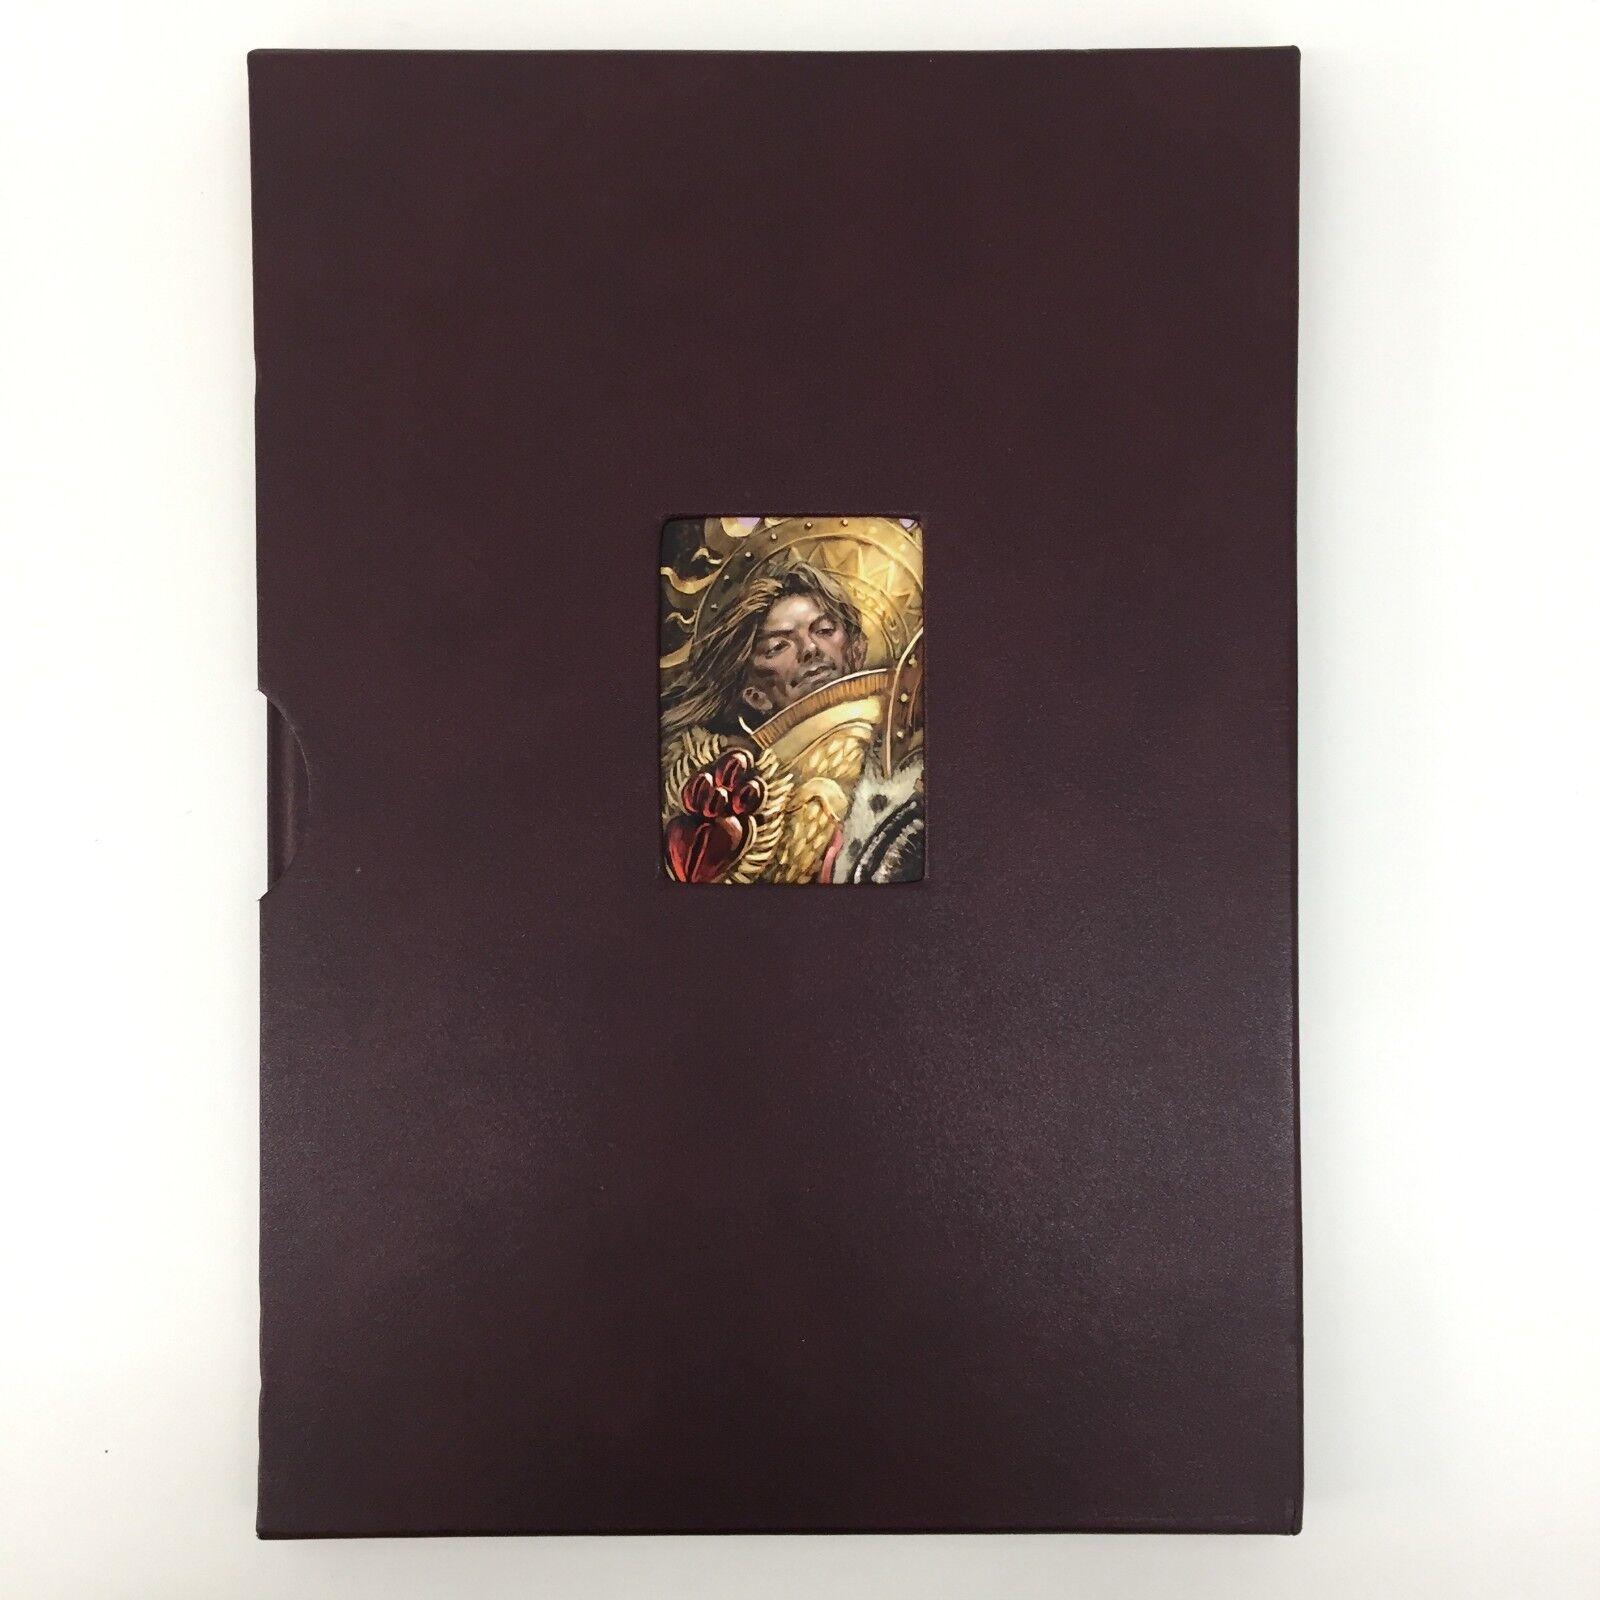 L'eresia di Horus VOL 3 VISIONI DI  TRADIMENTO III EDIZIONE LIMITATA 188 300 (2005)  outlet